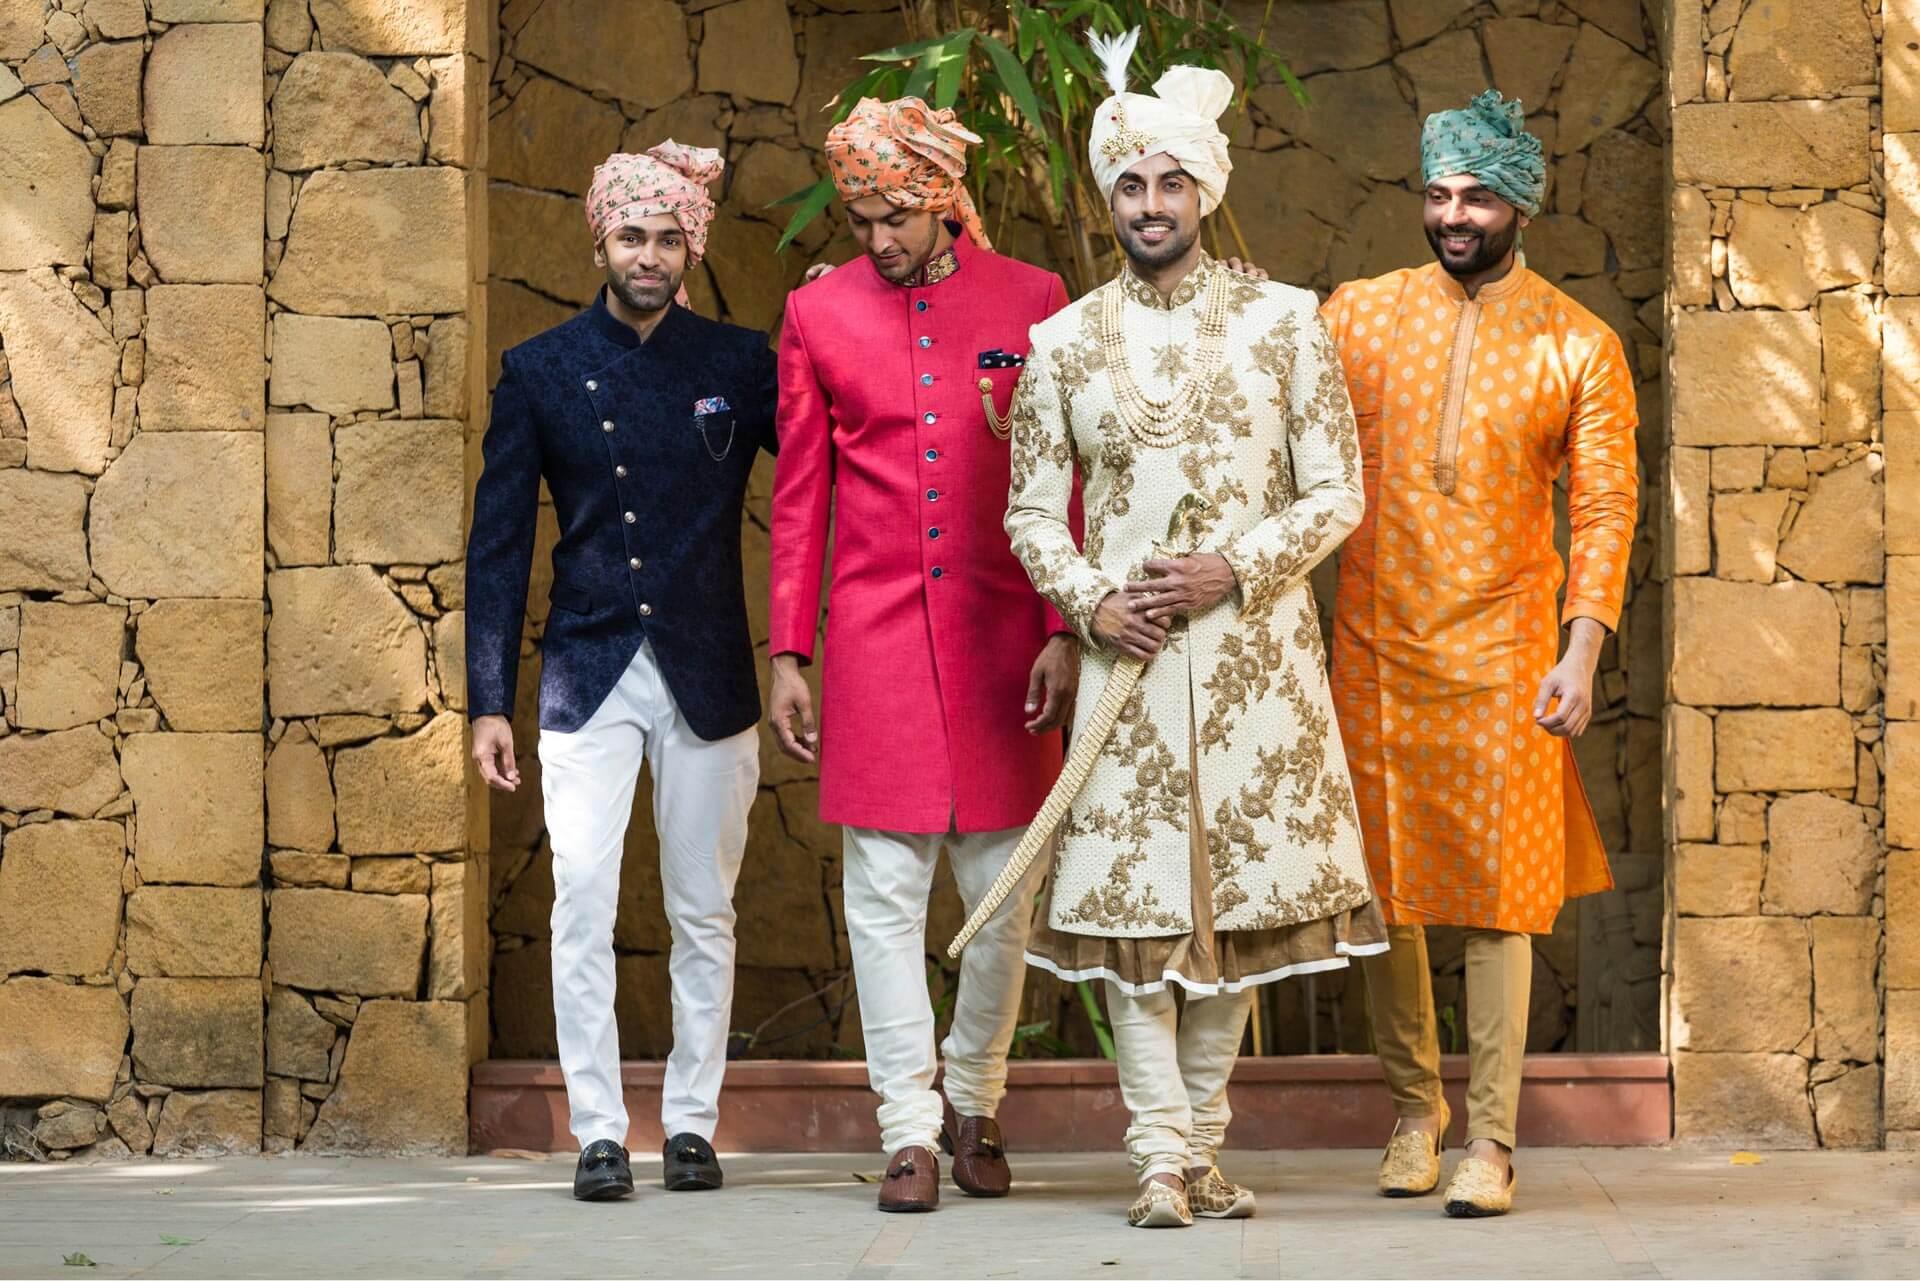 wedding dress for men